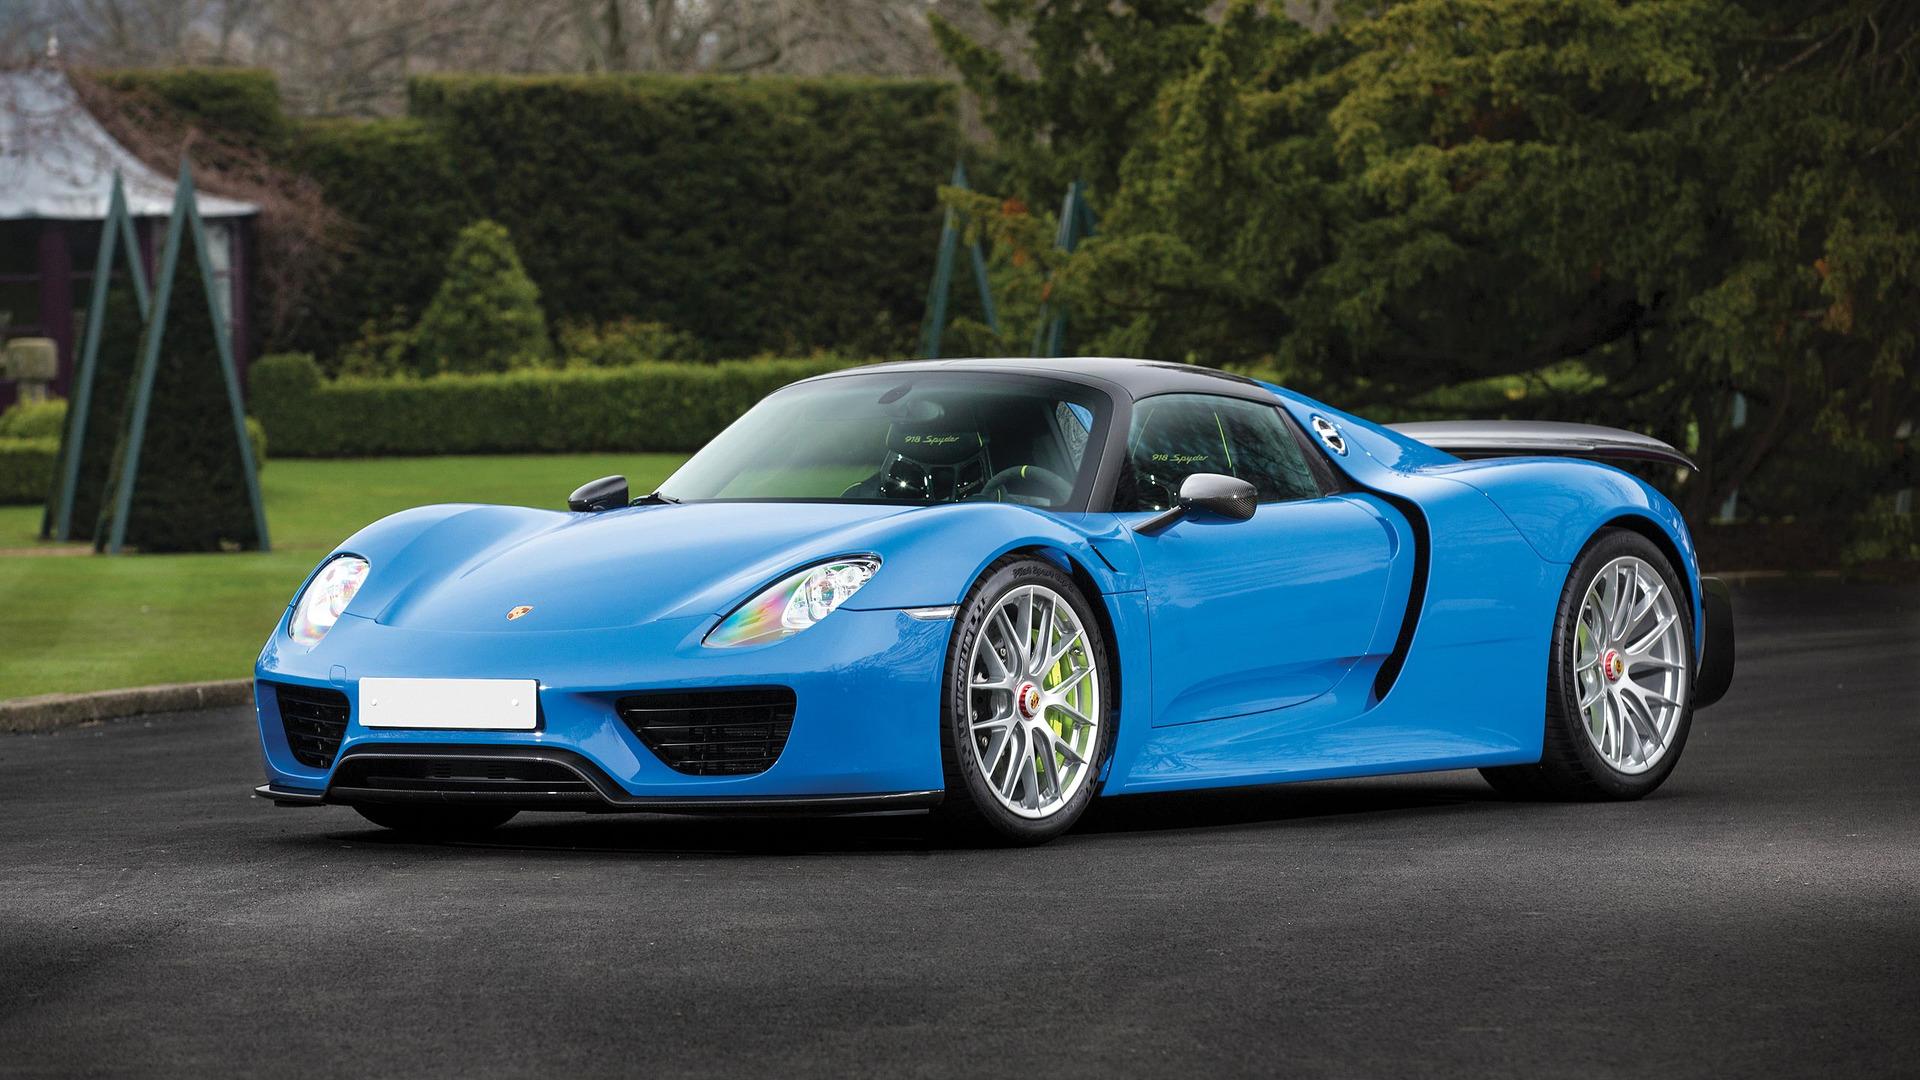 arrow-blue-porsche-918-spyder Remarkable Porsche 918 Spyder In London Cars Trend